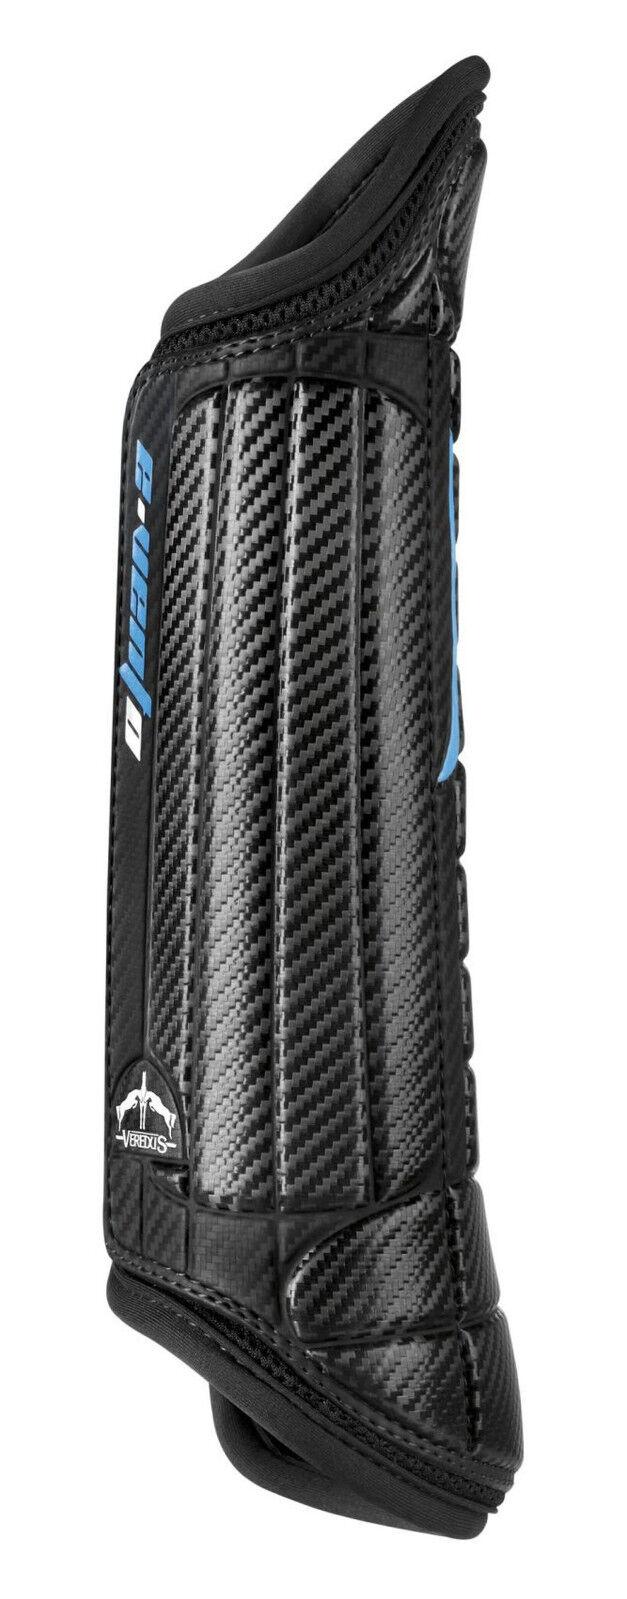 VeROTus Cross Country Gamaschen E-Vento Rear hinten schwarz